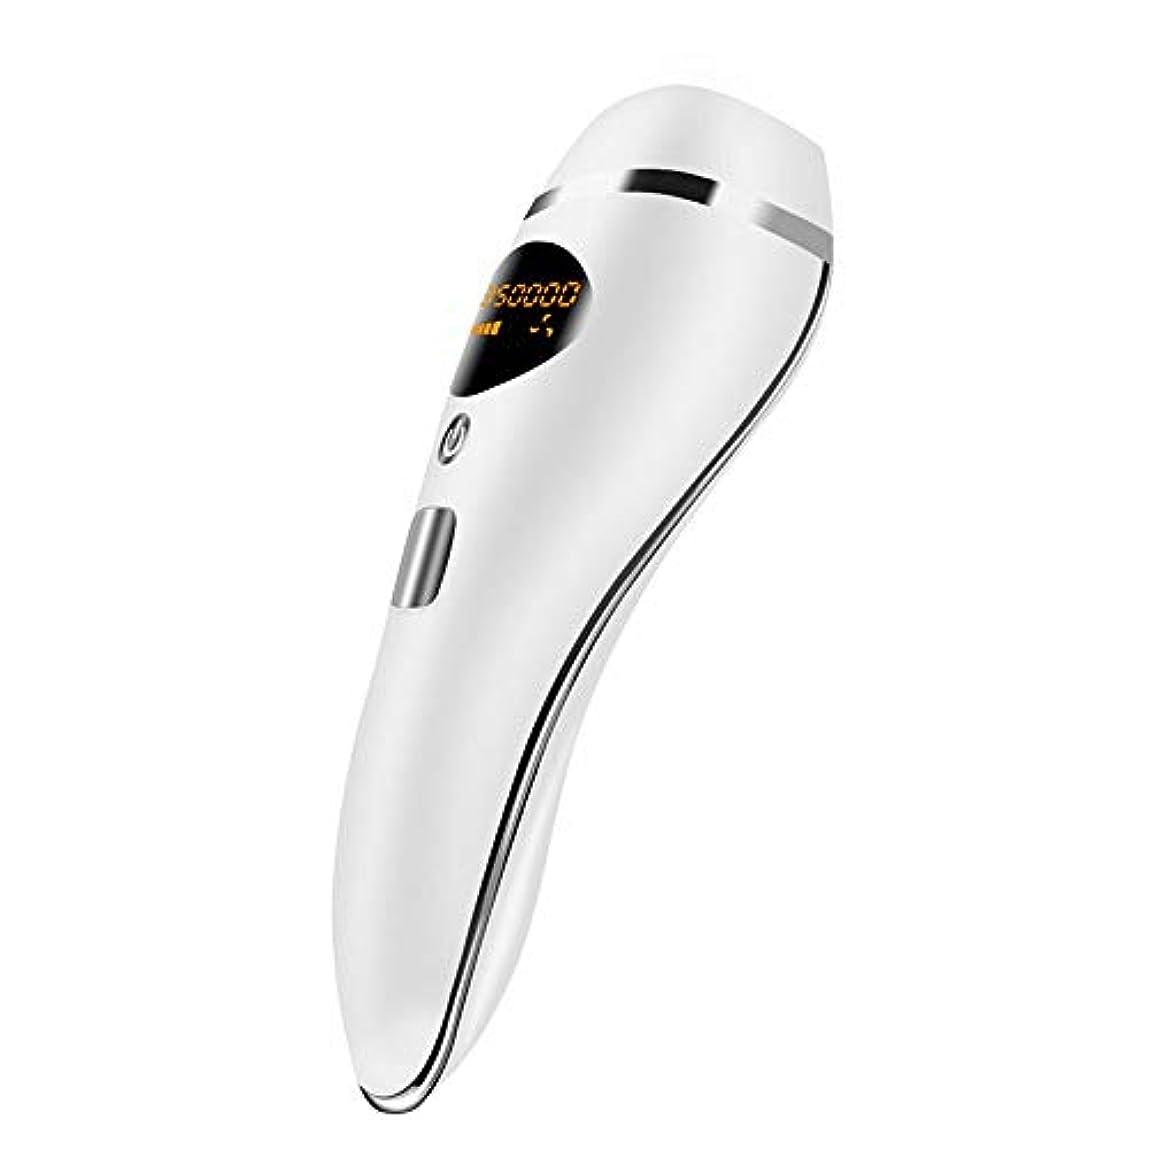 スクワイアファーザーファージュソフィー自動全身無痛脱毛剤、ホワイト、ポータブルパーマネントヘアリムーバー、デュアルモード、5速調整、サイズ20.5x7cm 効果が良い